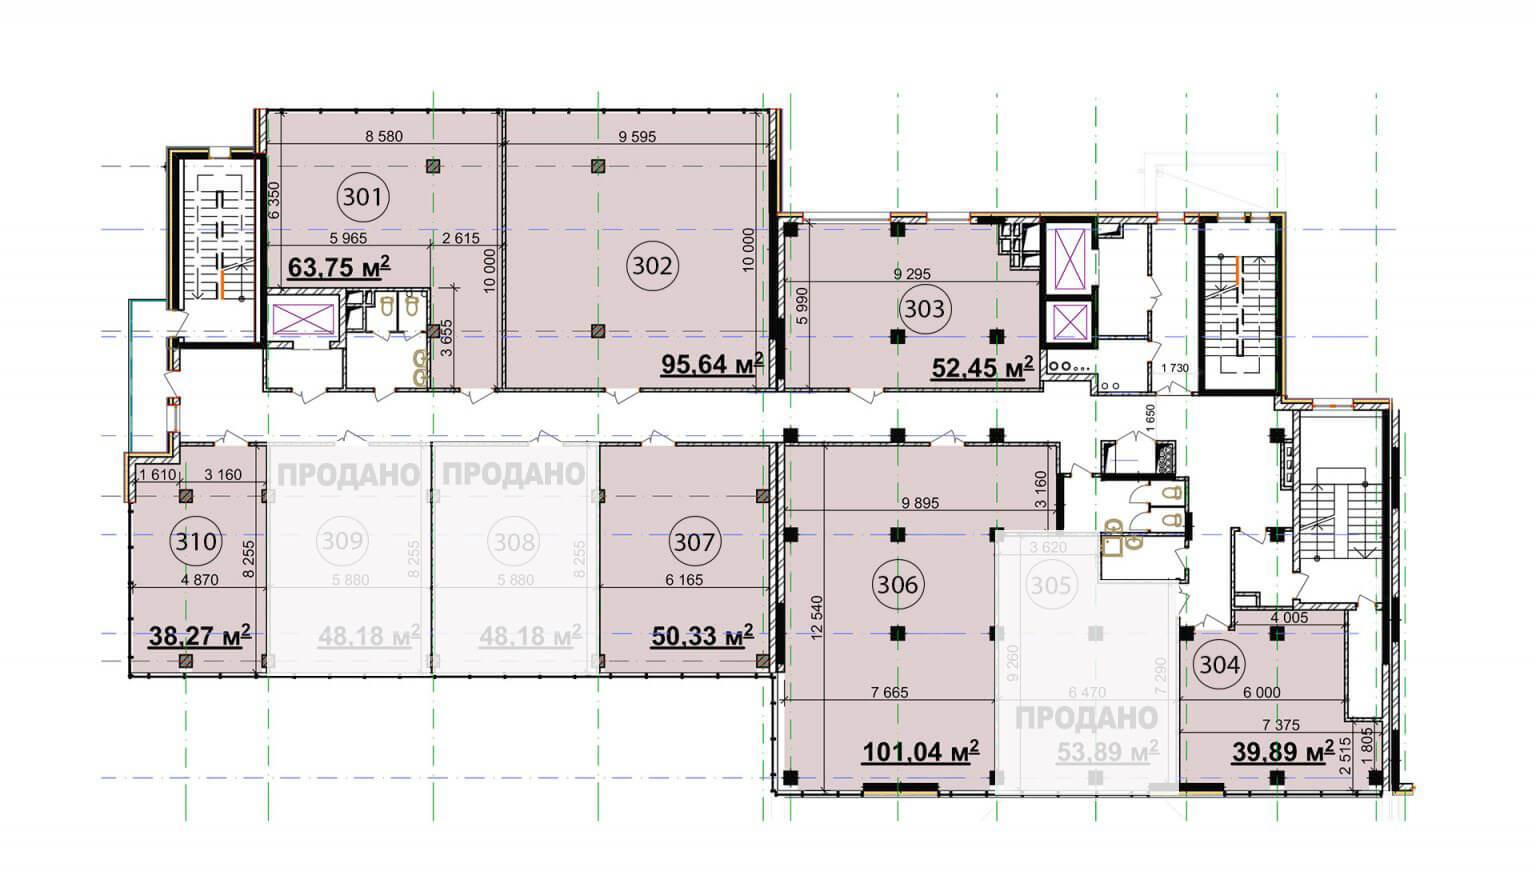 Бізнес центр (3 поверх)